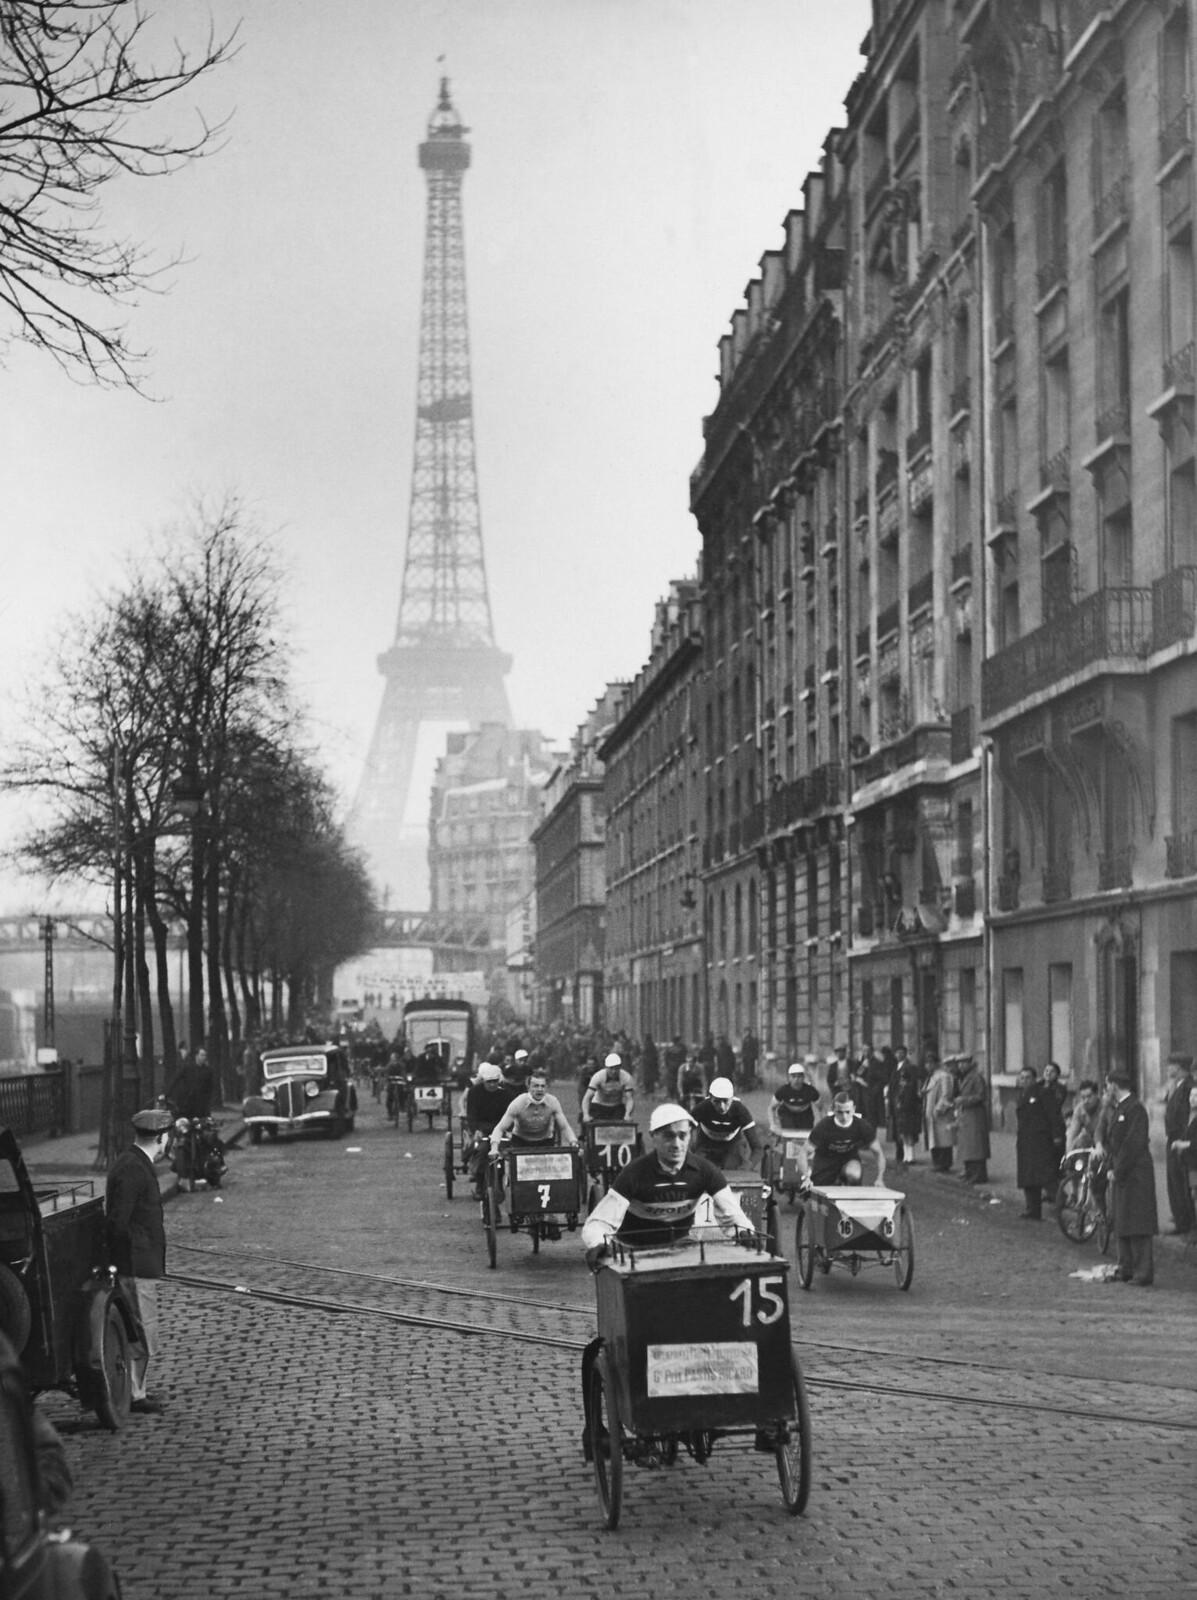 07. 1938. Финиш гонки на трехколесных велосипедах в Париже, Франция, 20 ноября